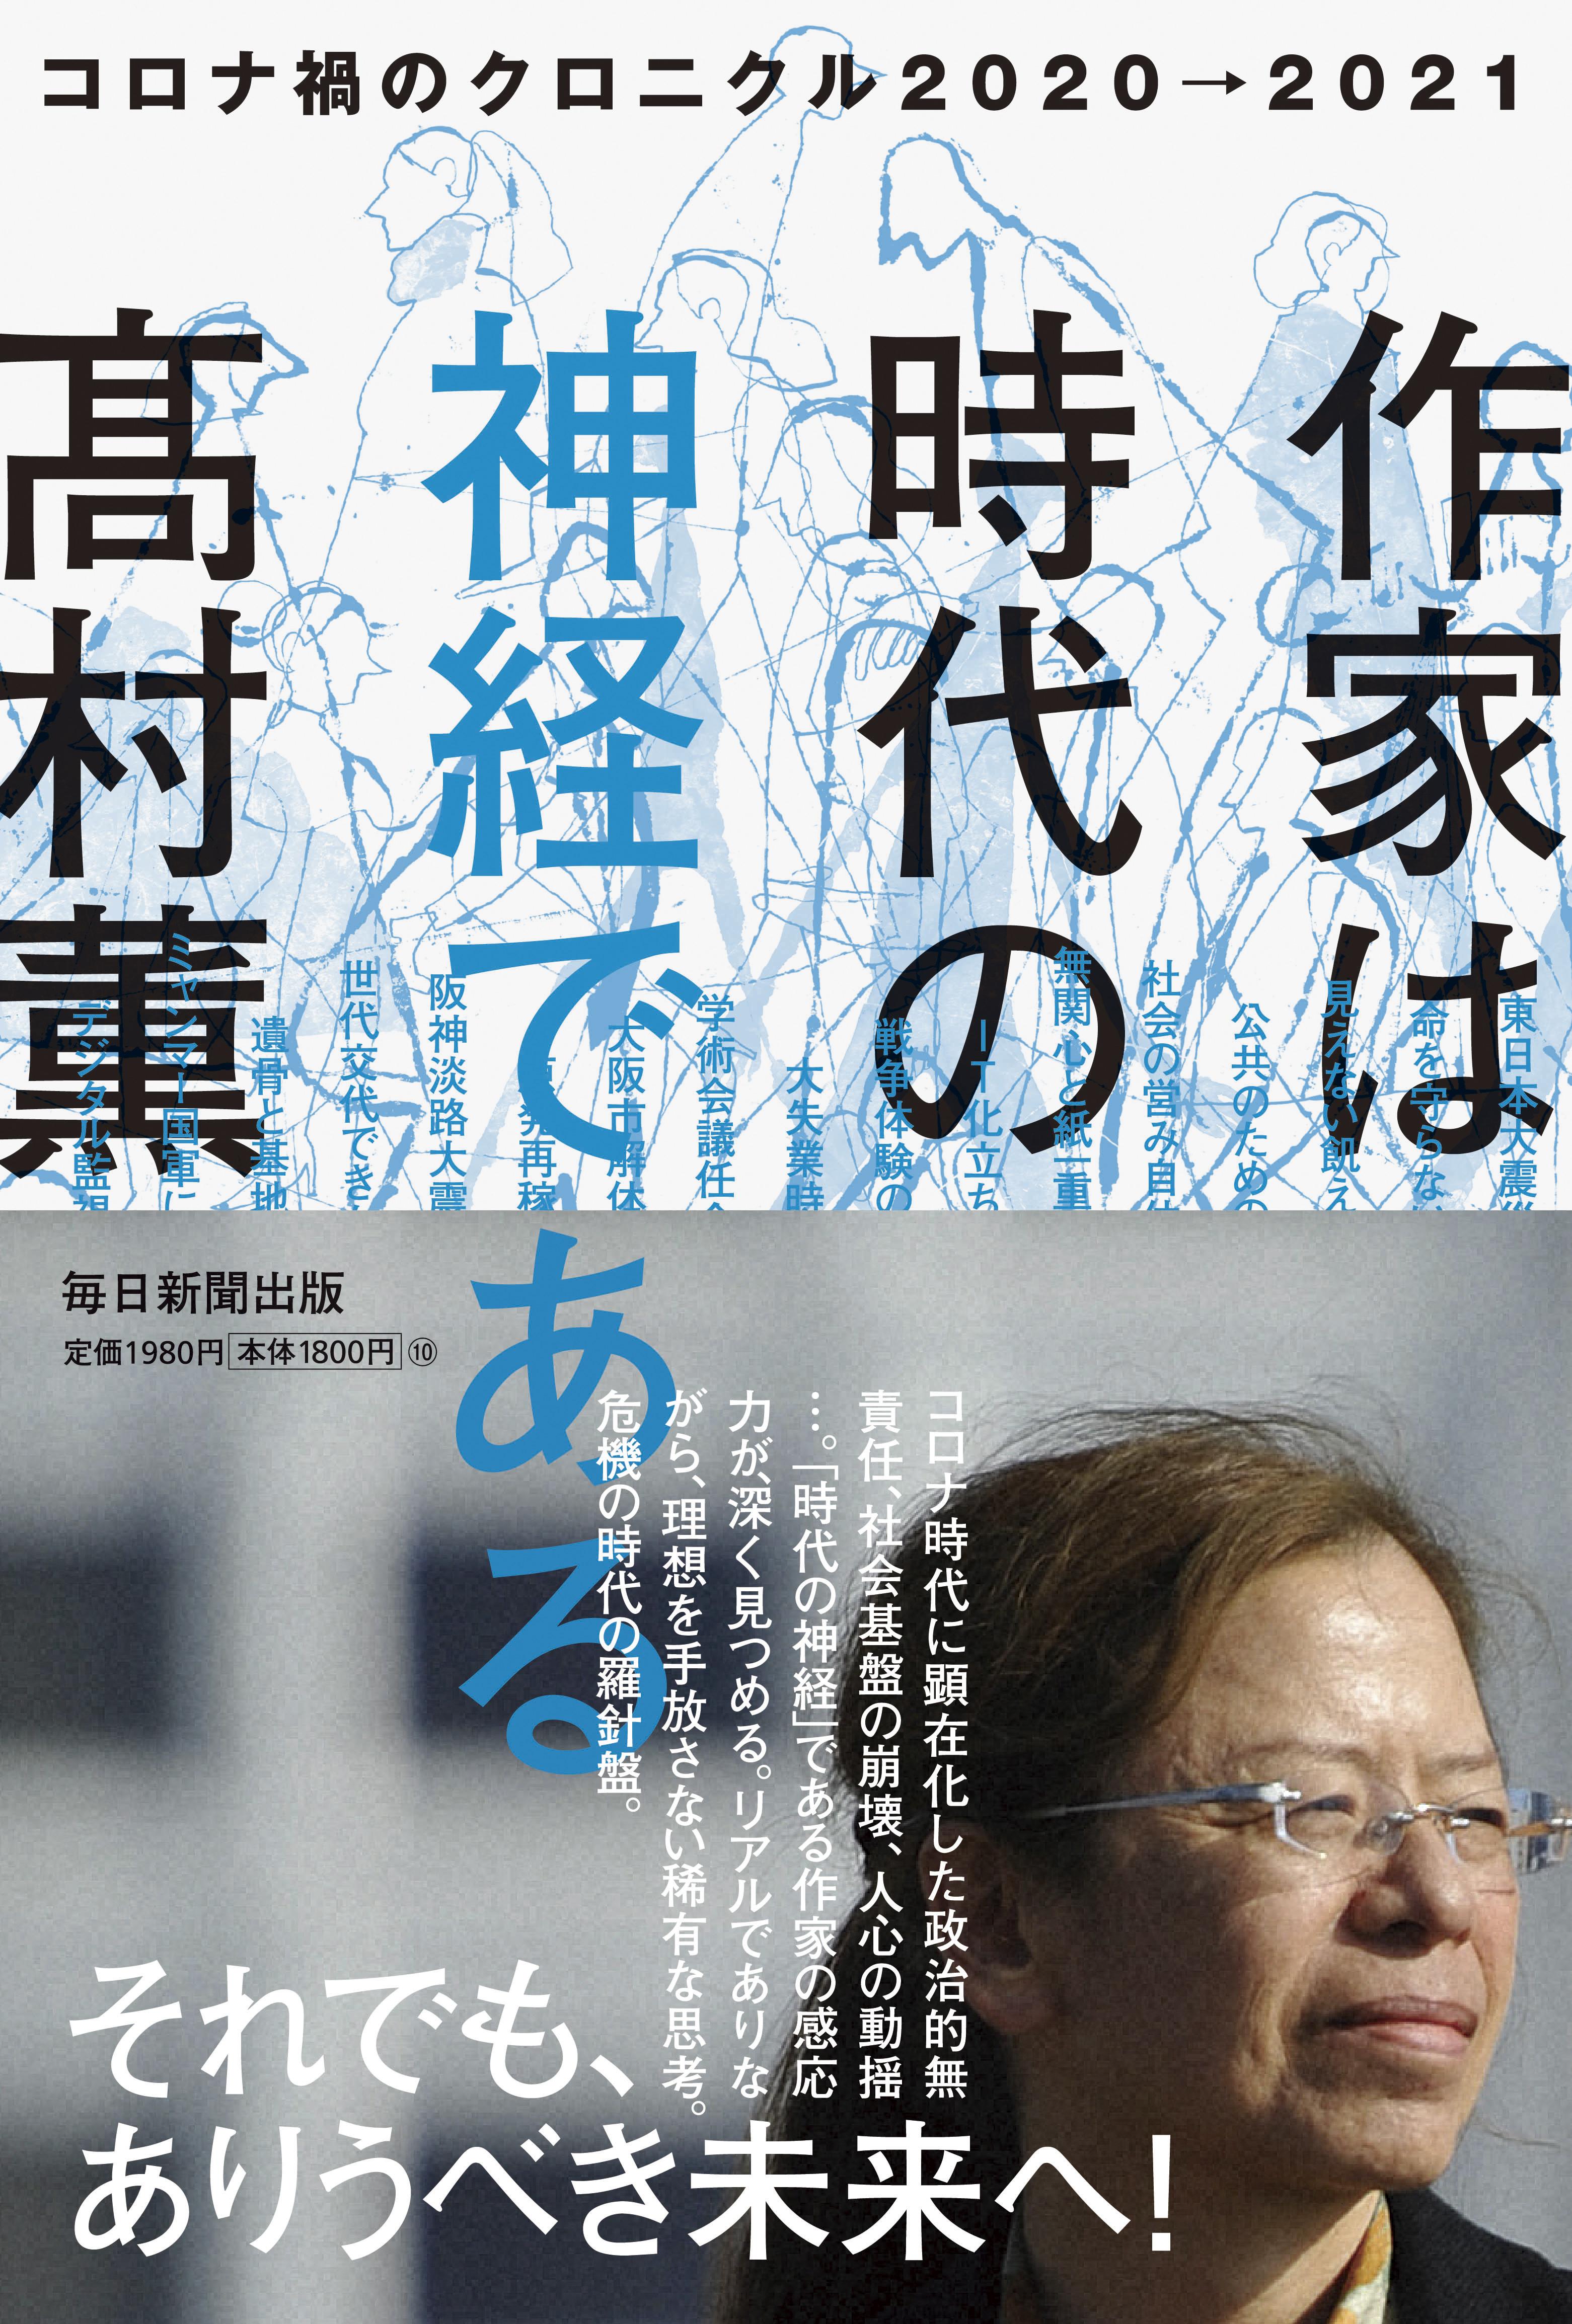 書影:作家は時代の神経である コロナ禍のクロニクル2020→2021